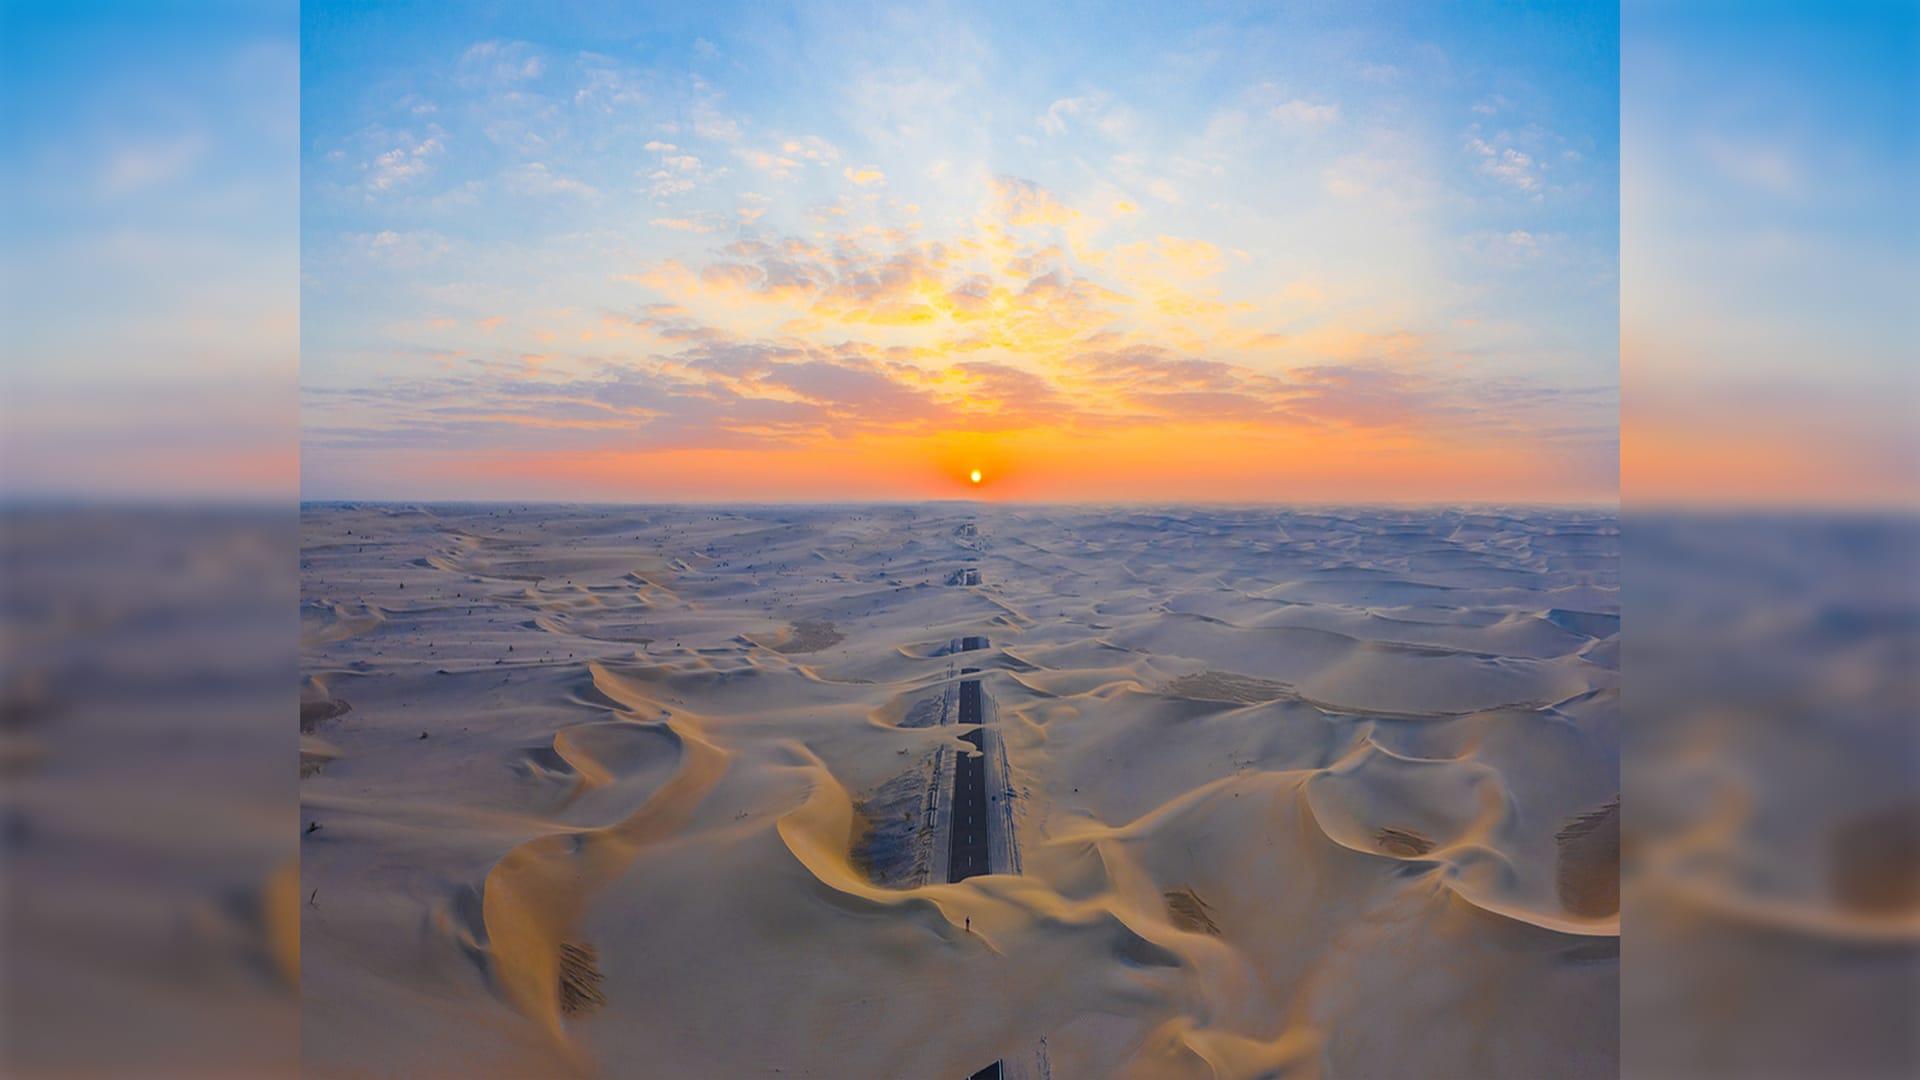 طريق مهجور في صحراء أبوظبي